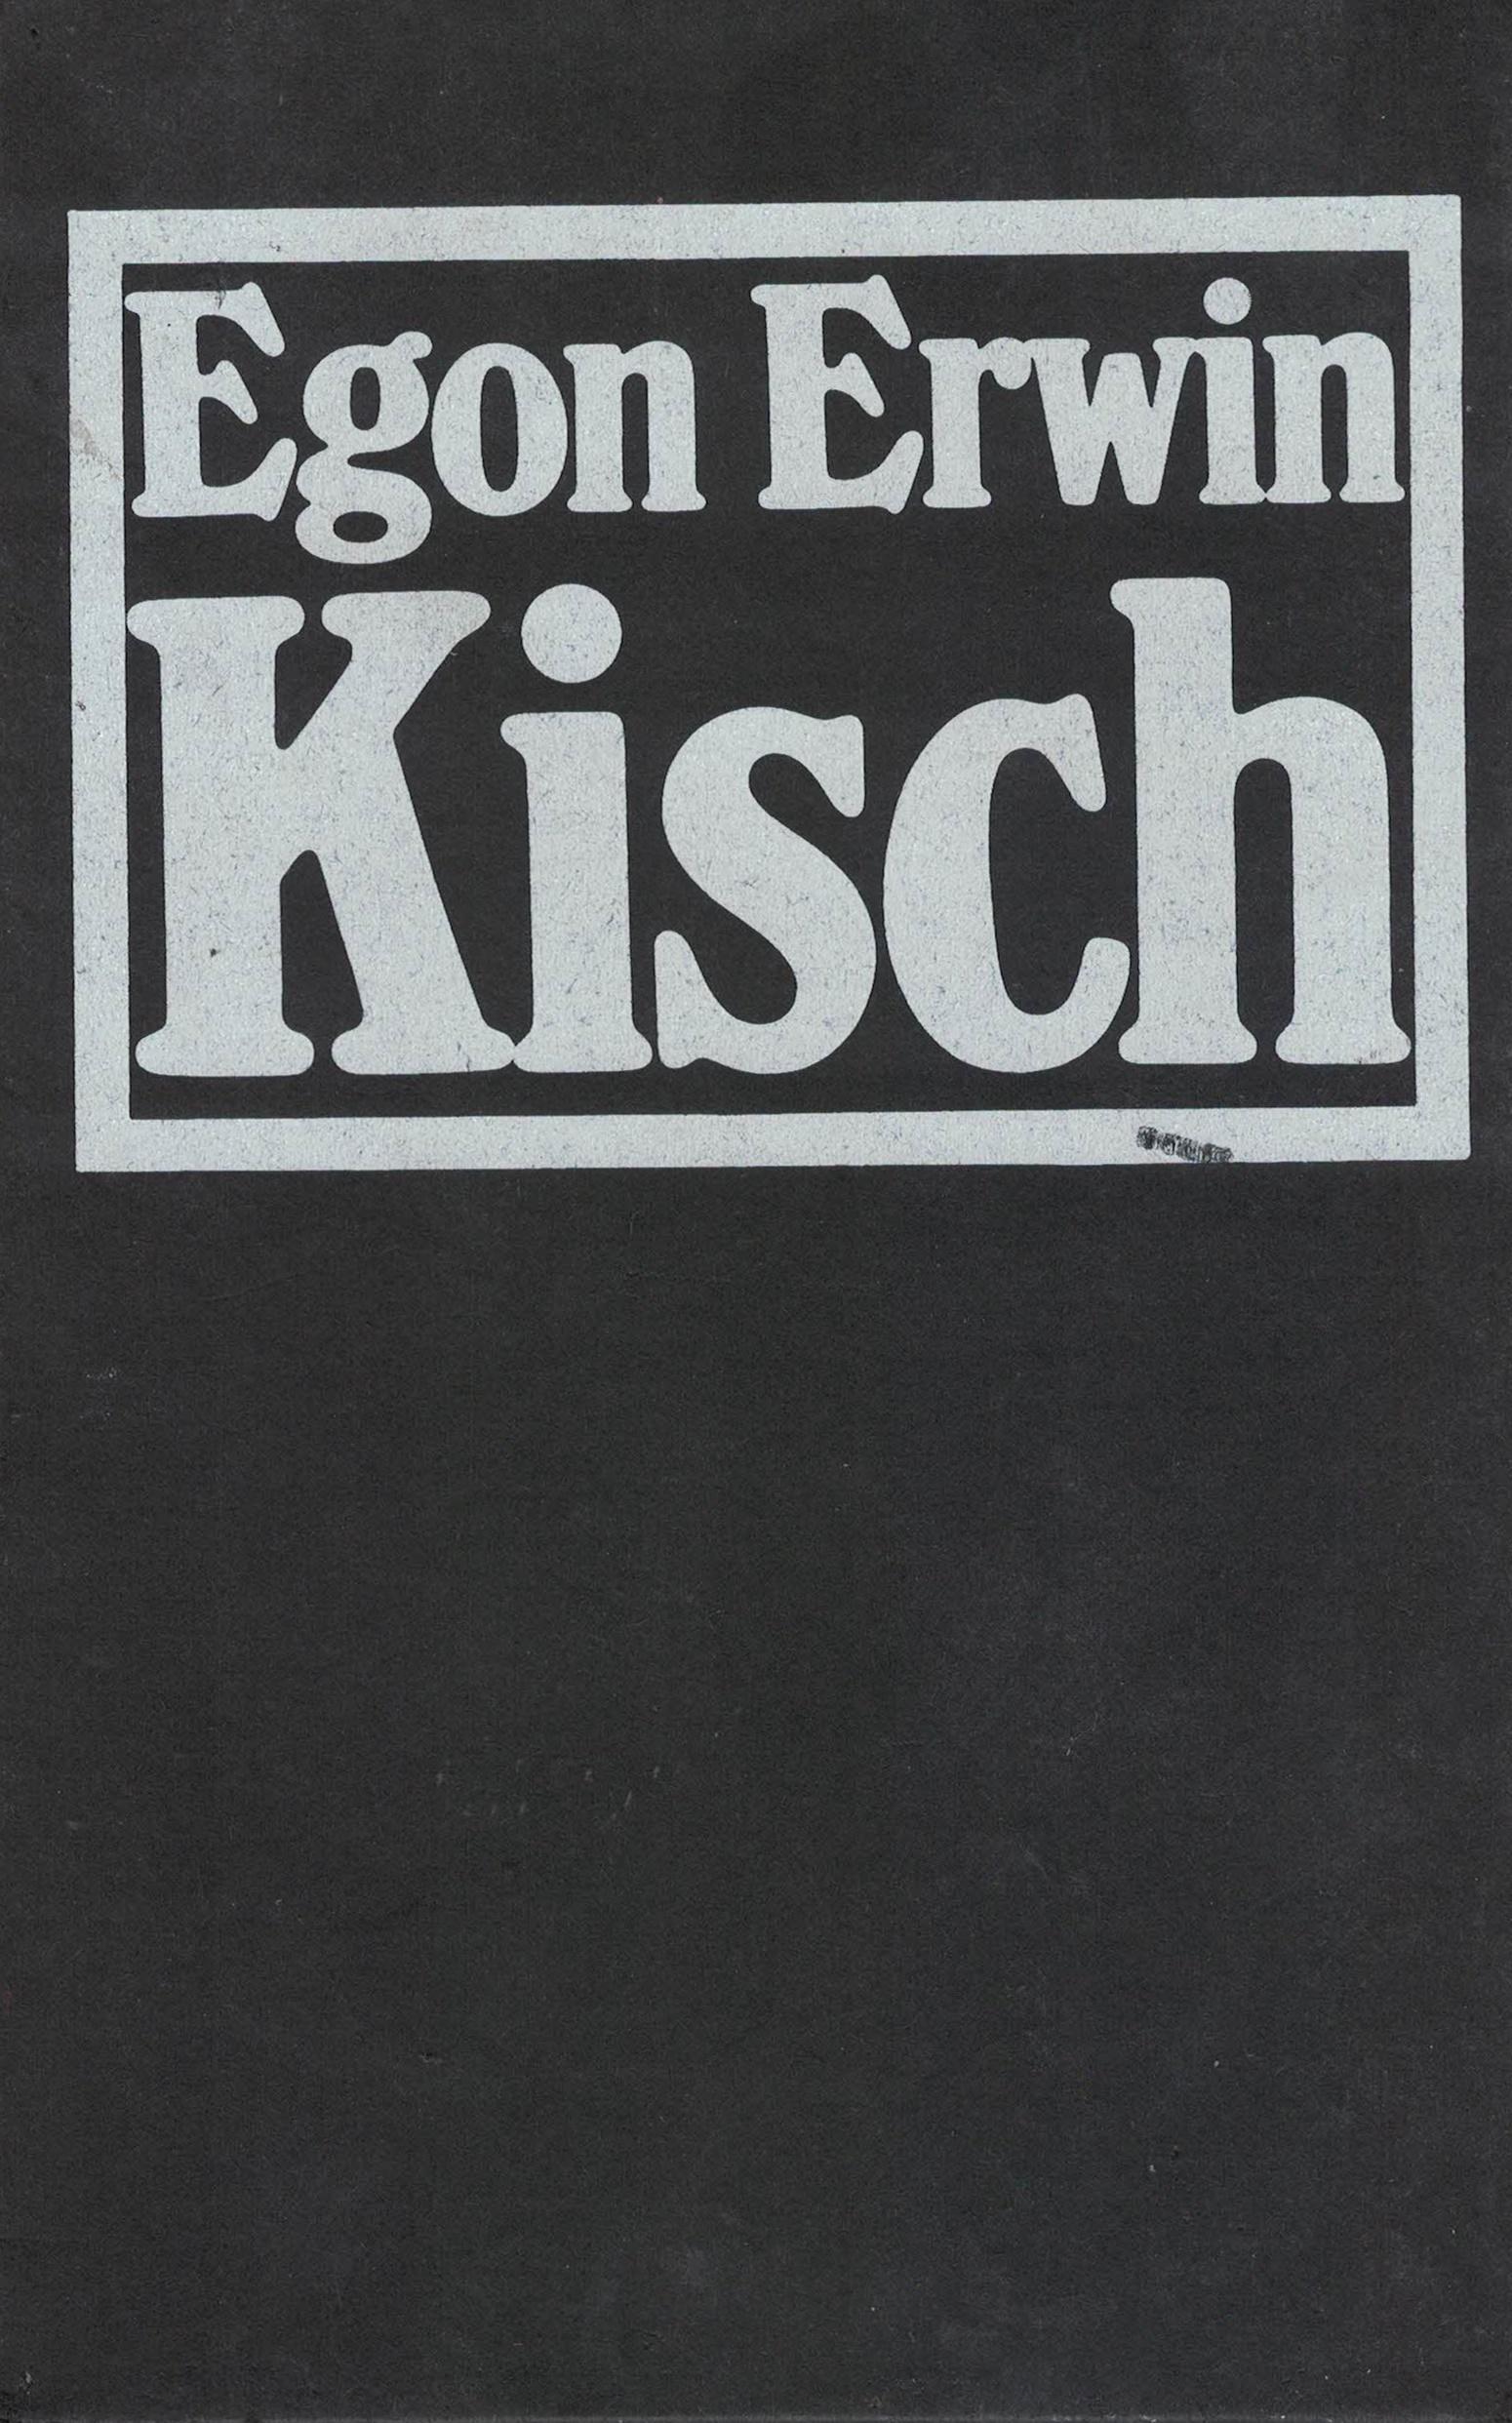 Geschenkausgabe: Egon Erwin Kisch - Nichts ist erregender als die Wahrheit - 2 Bände